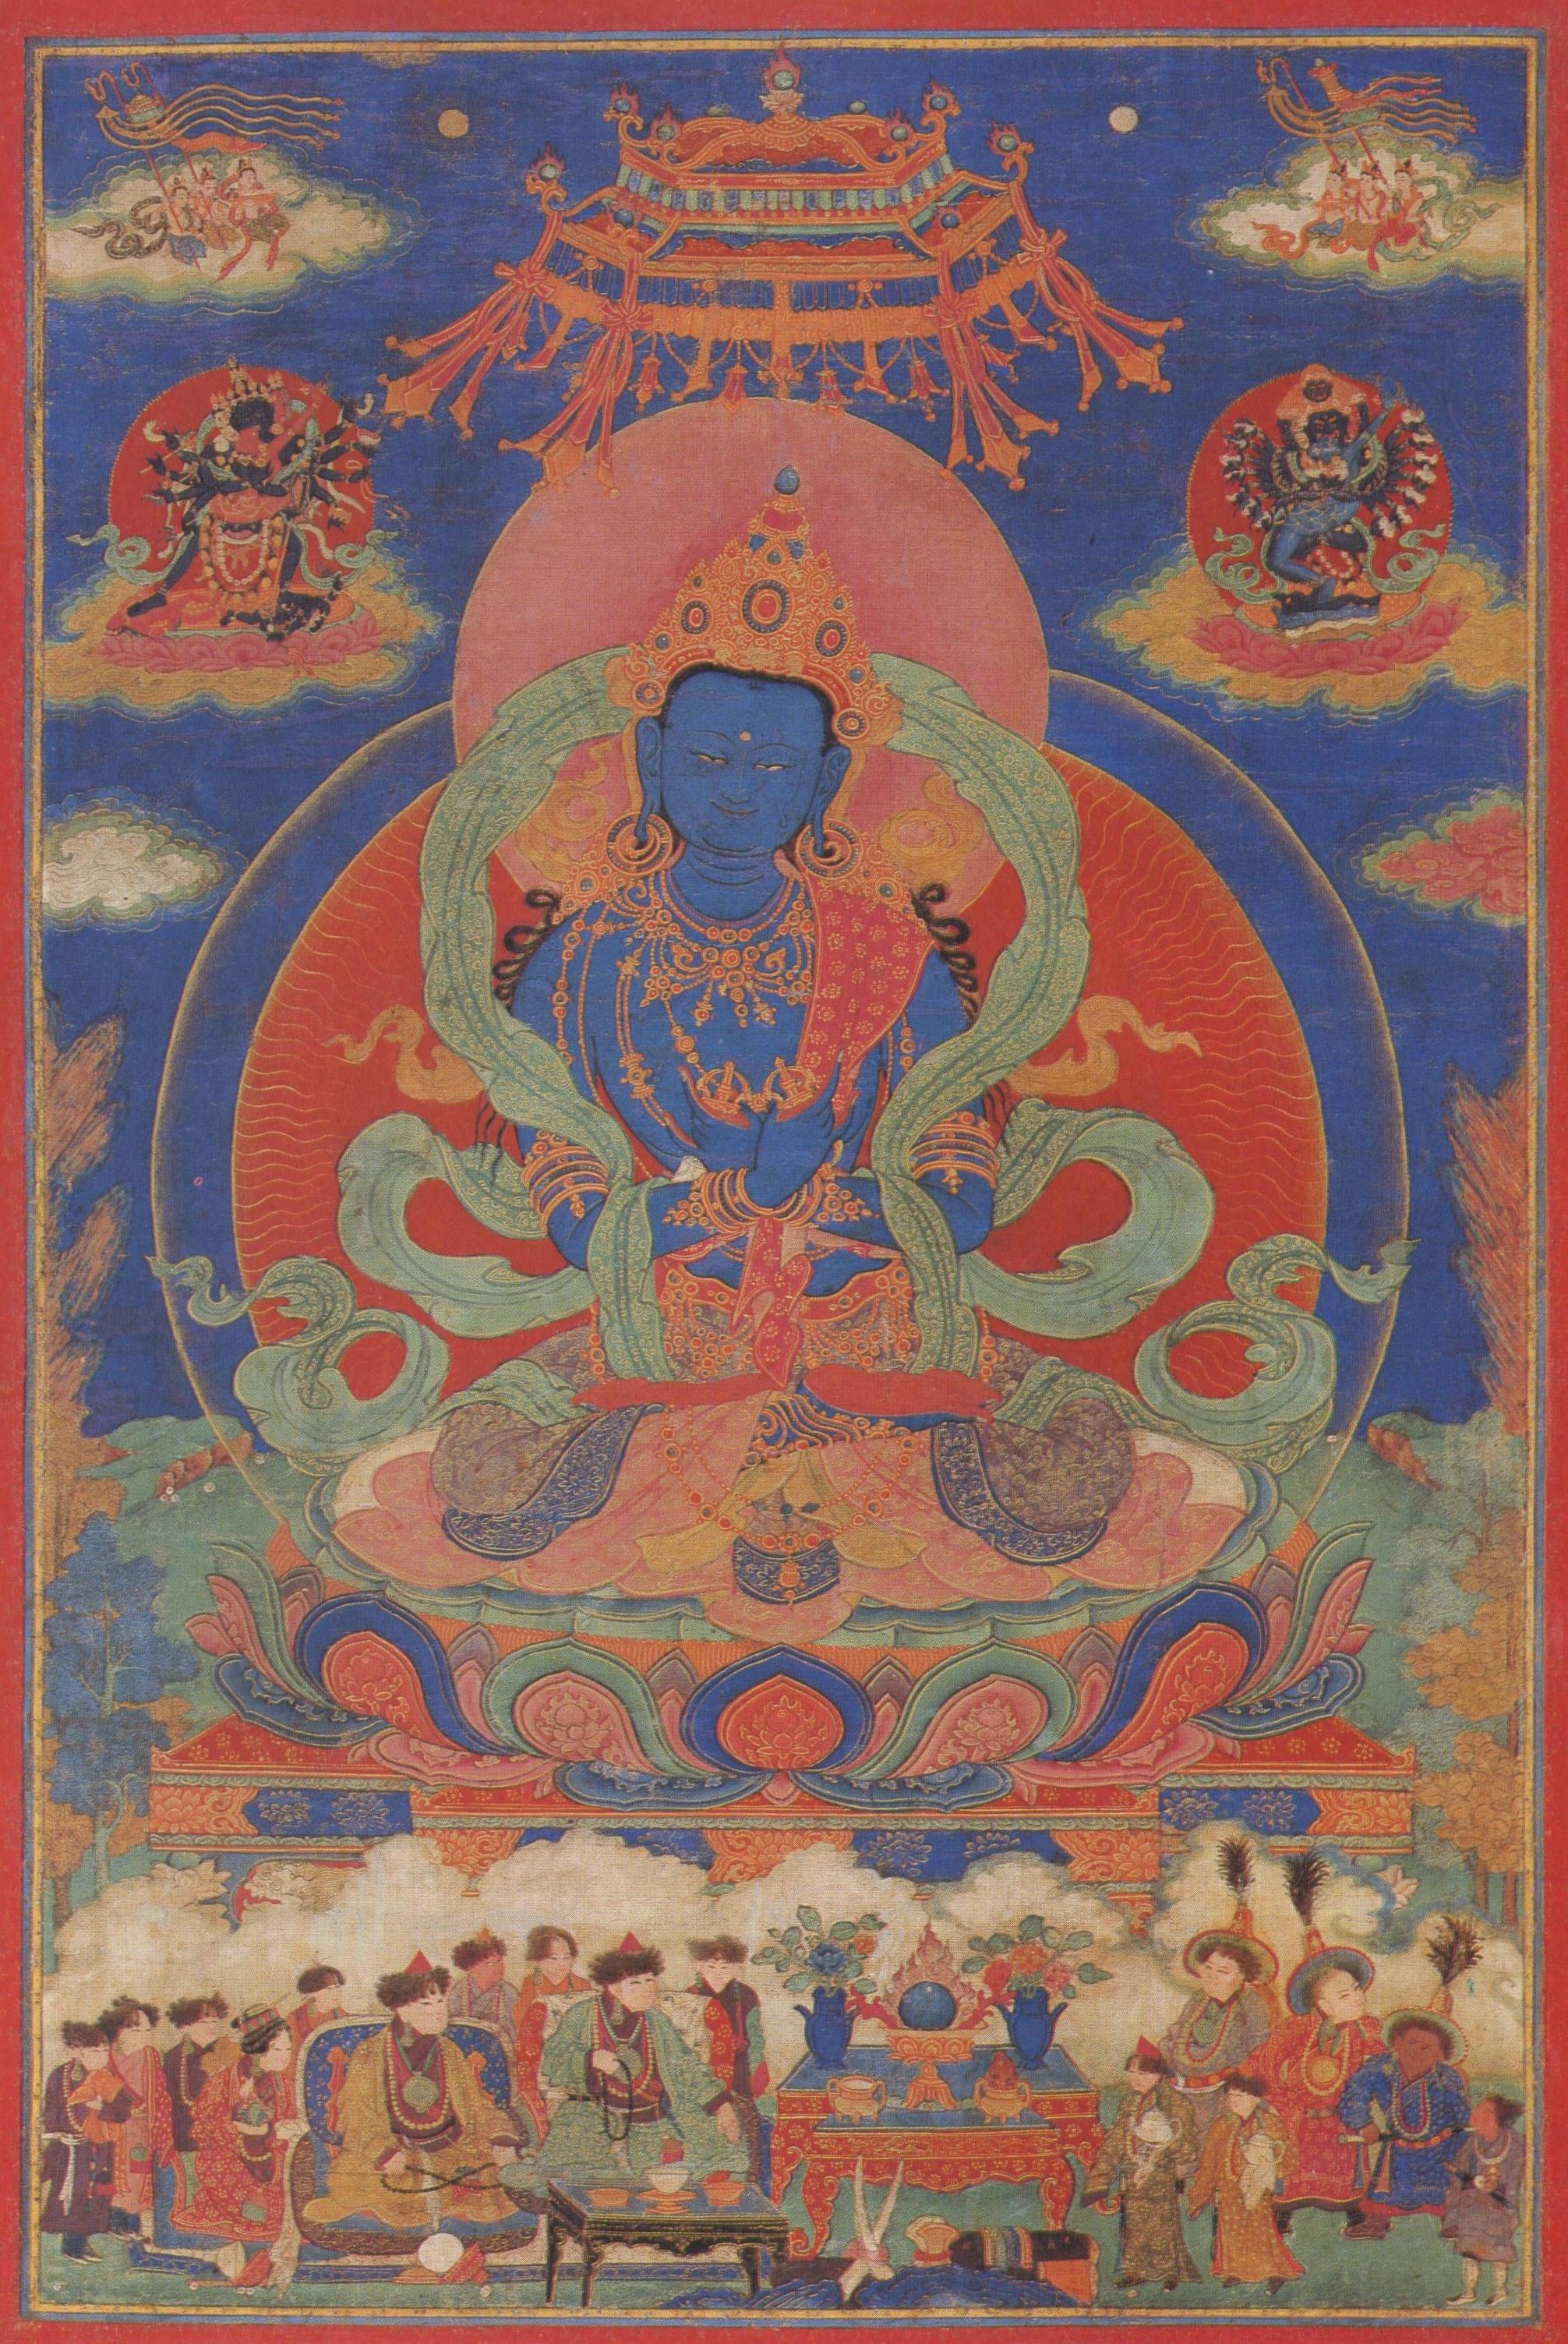 Vajradhara